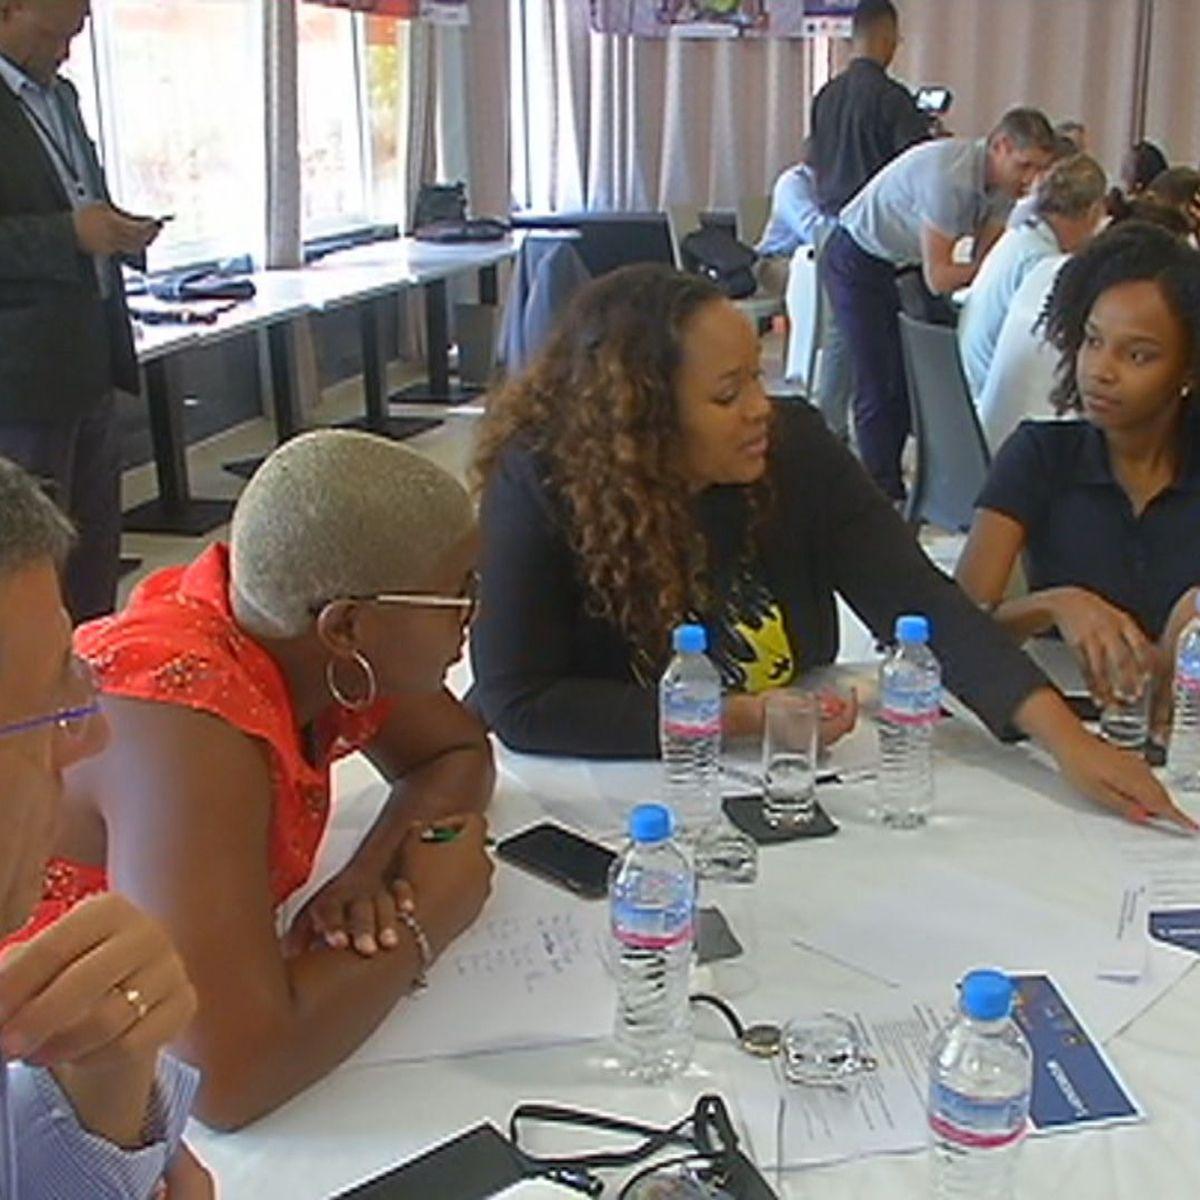 Le 1er Congrès Inter-régional des Centres de Sports de Haut-Niveau de la Caraïbe se tient en Guadeloupe.